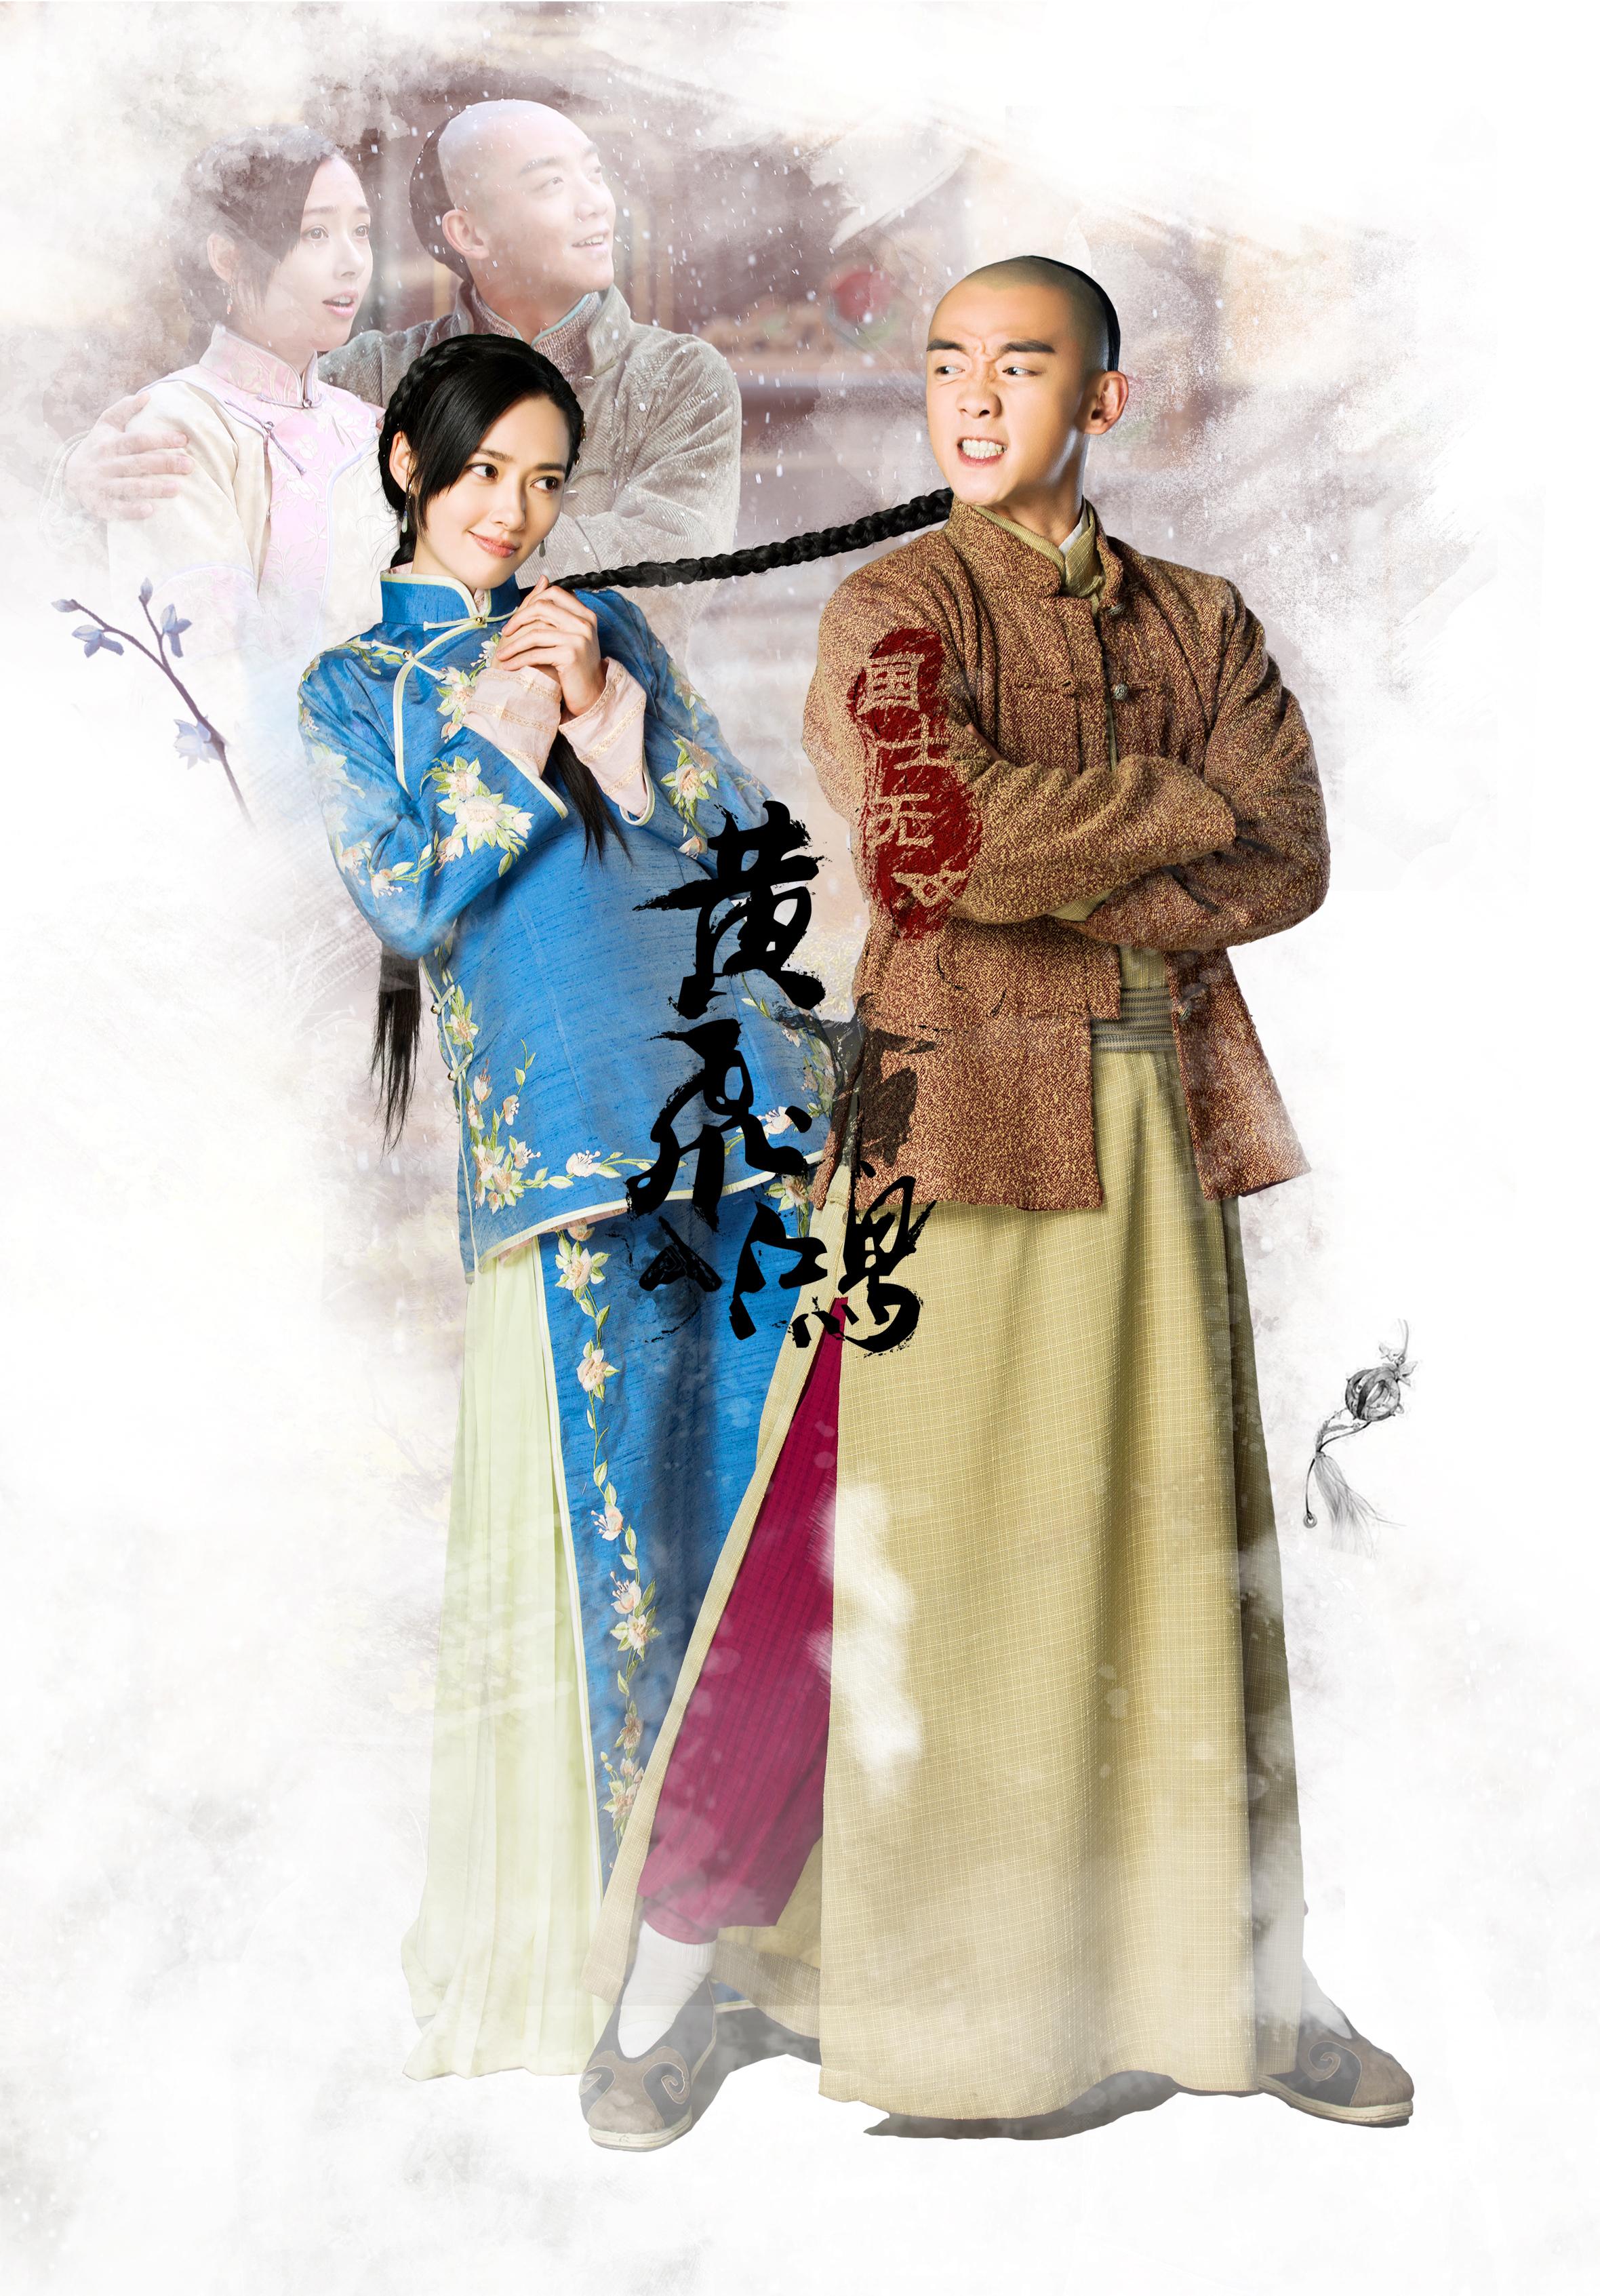 2017剧情,古装国士无双黄飞鸿 天堂电影下载